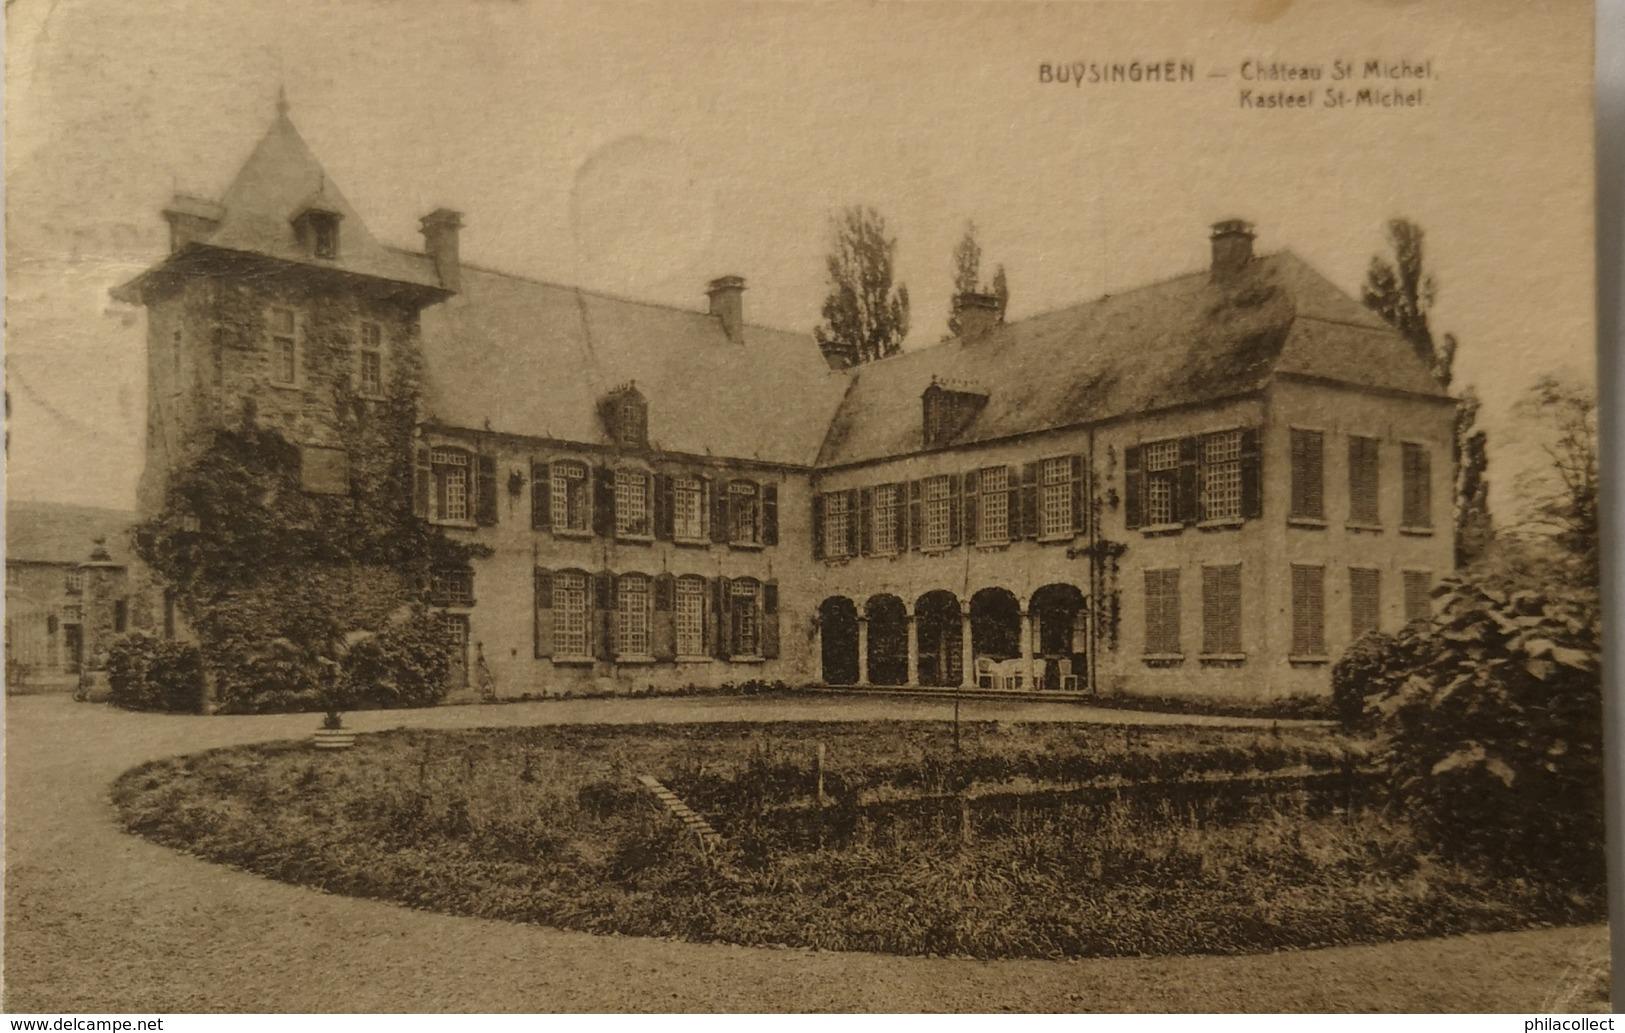 Buizingen - Buysinghen // Chateau - Kasteel St. Michel 19?? - België